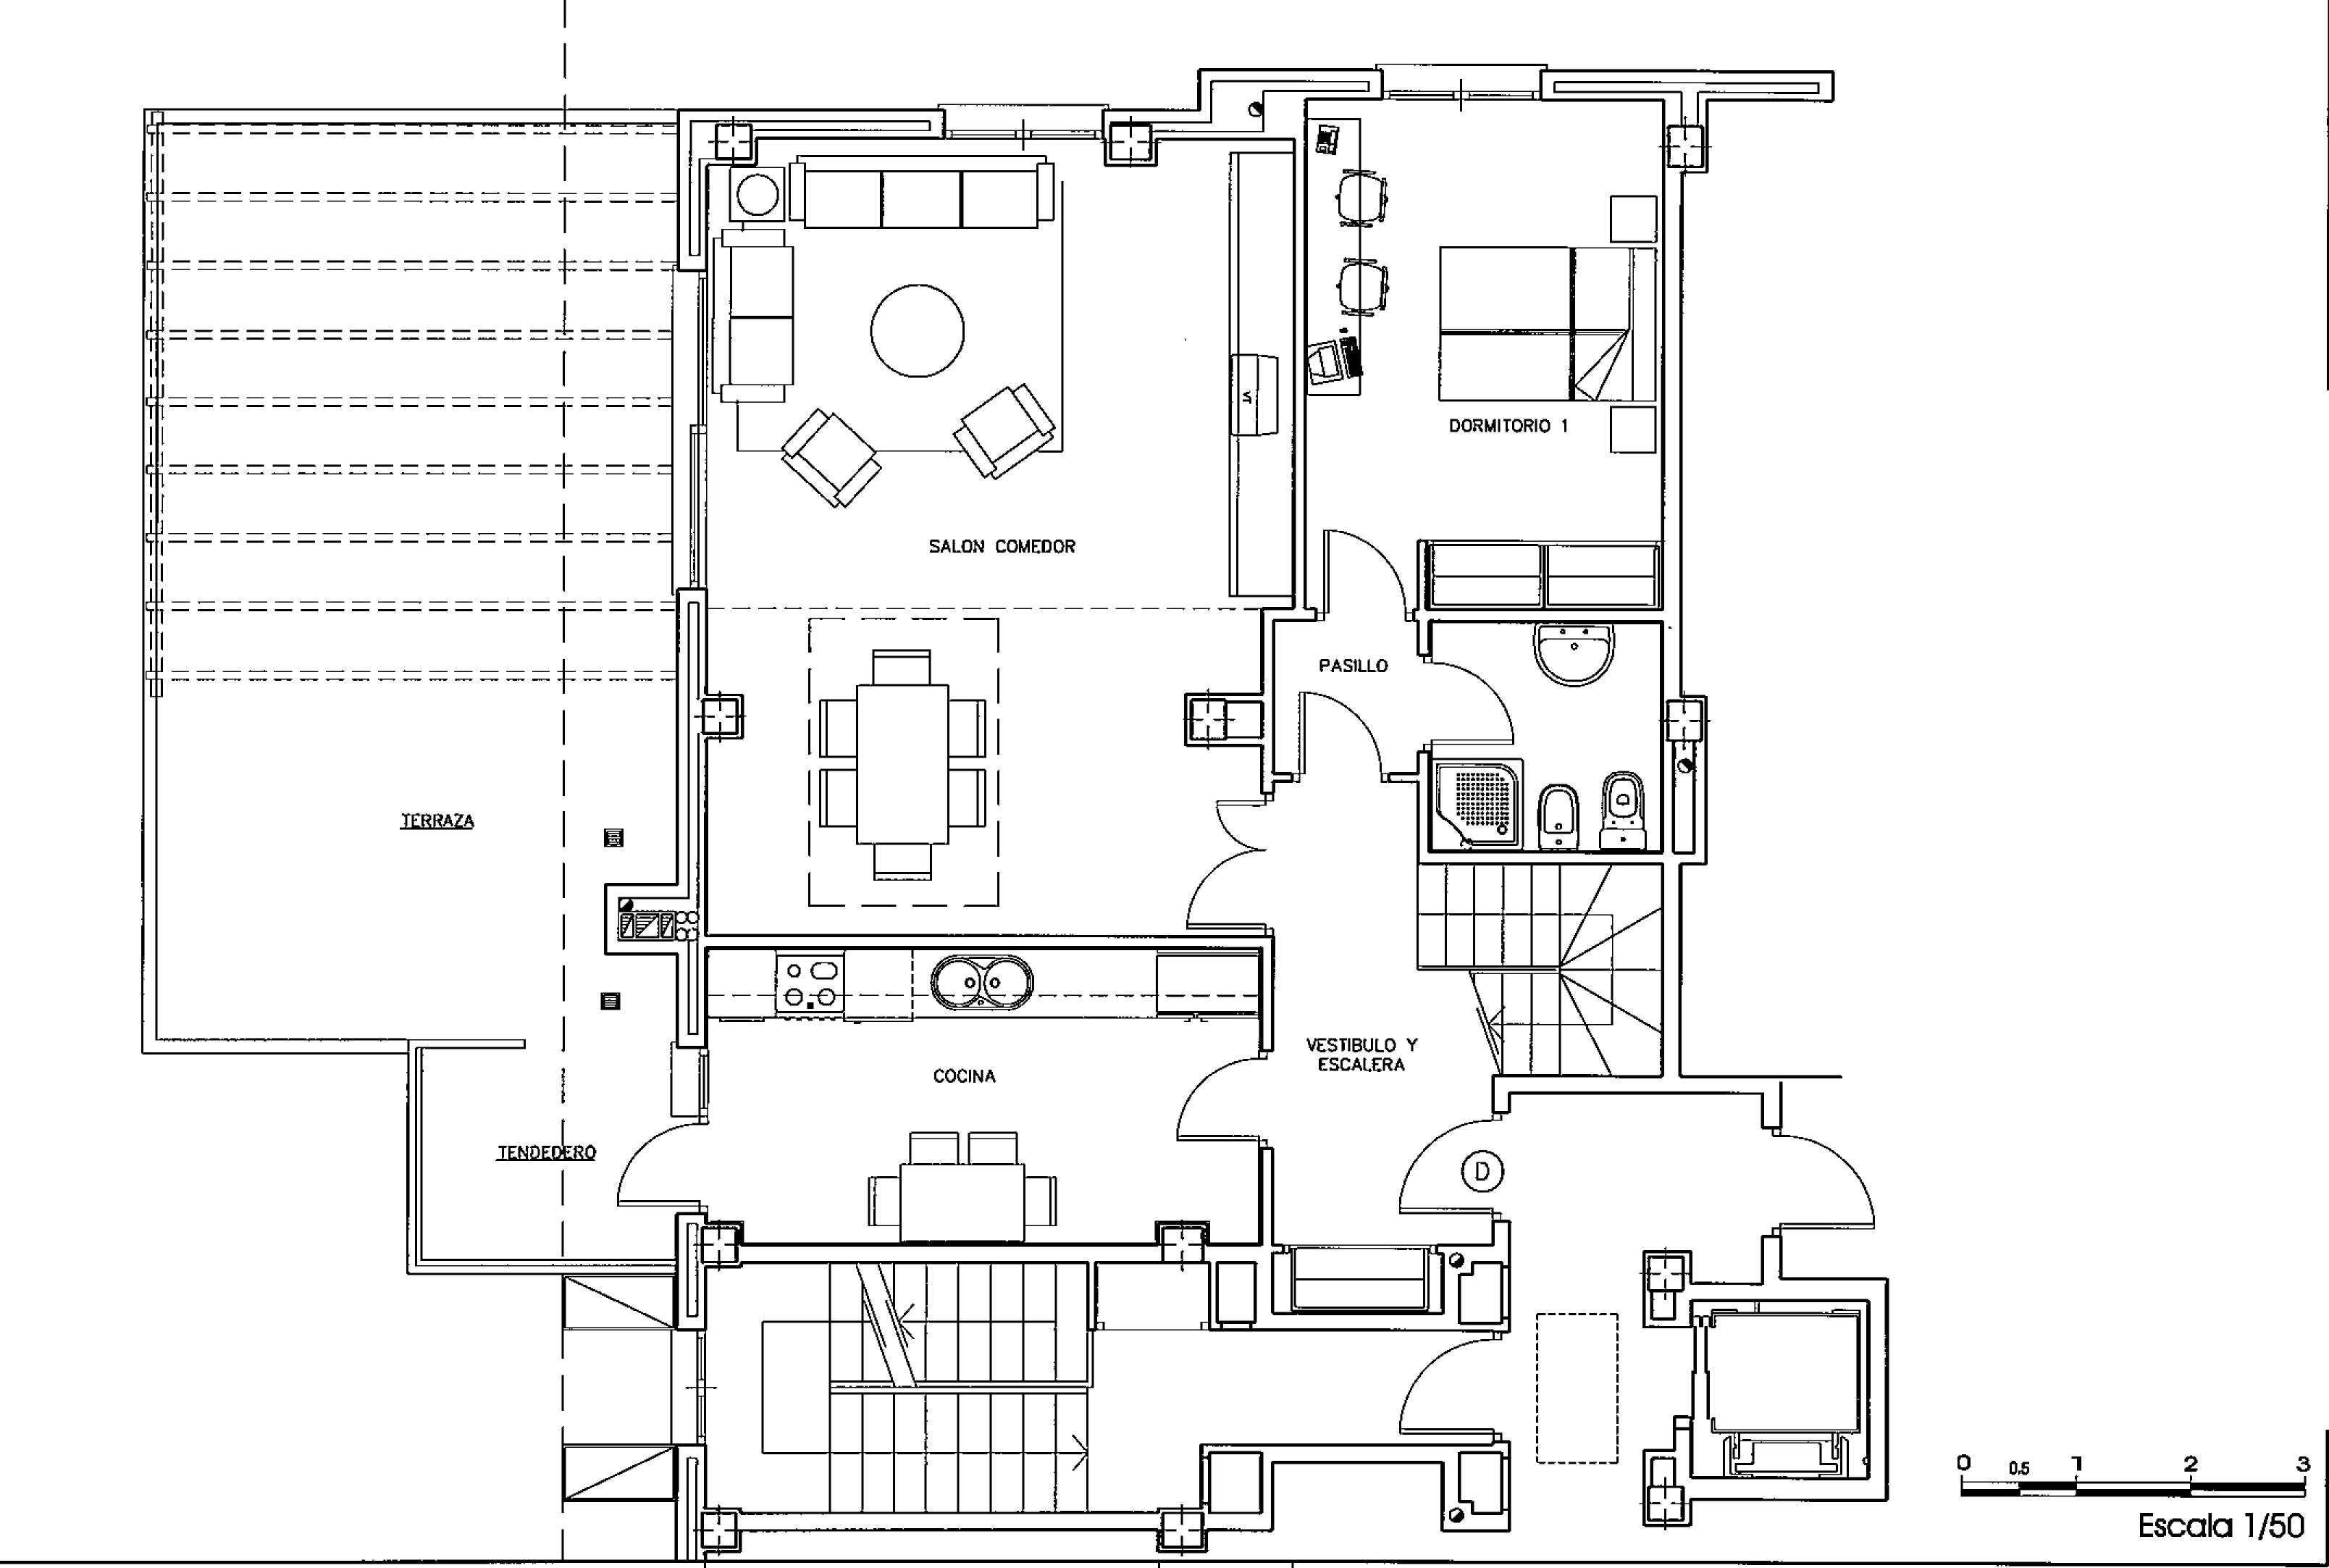 Duplex majadahonda venta 590000 euros zona monte del pilar for Planos para restaurantes